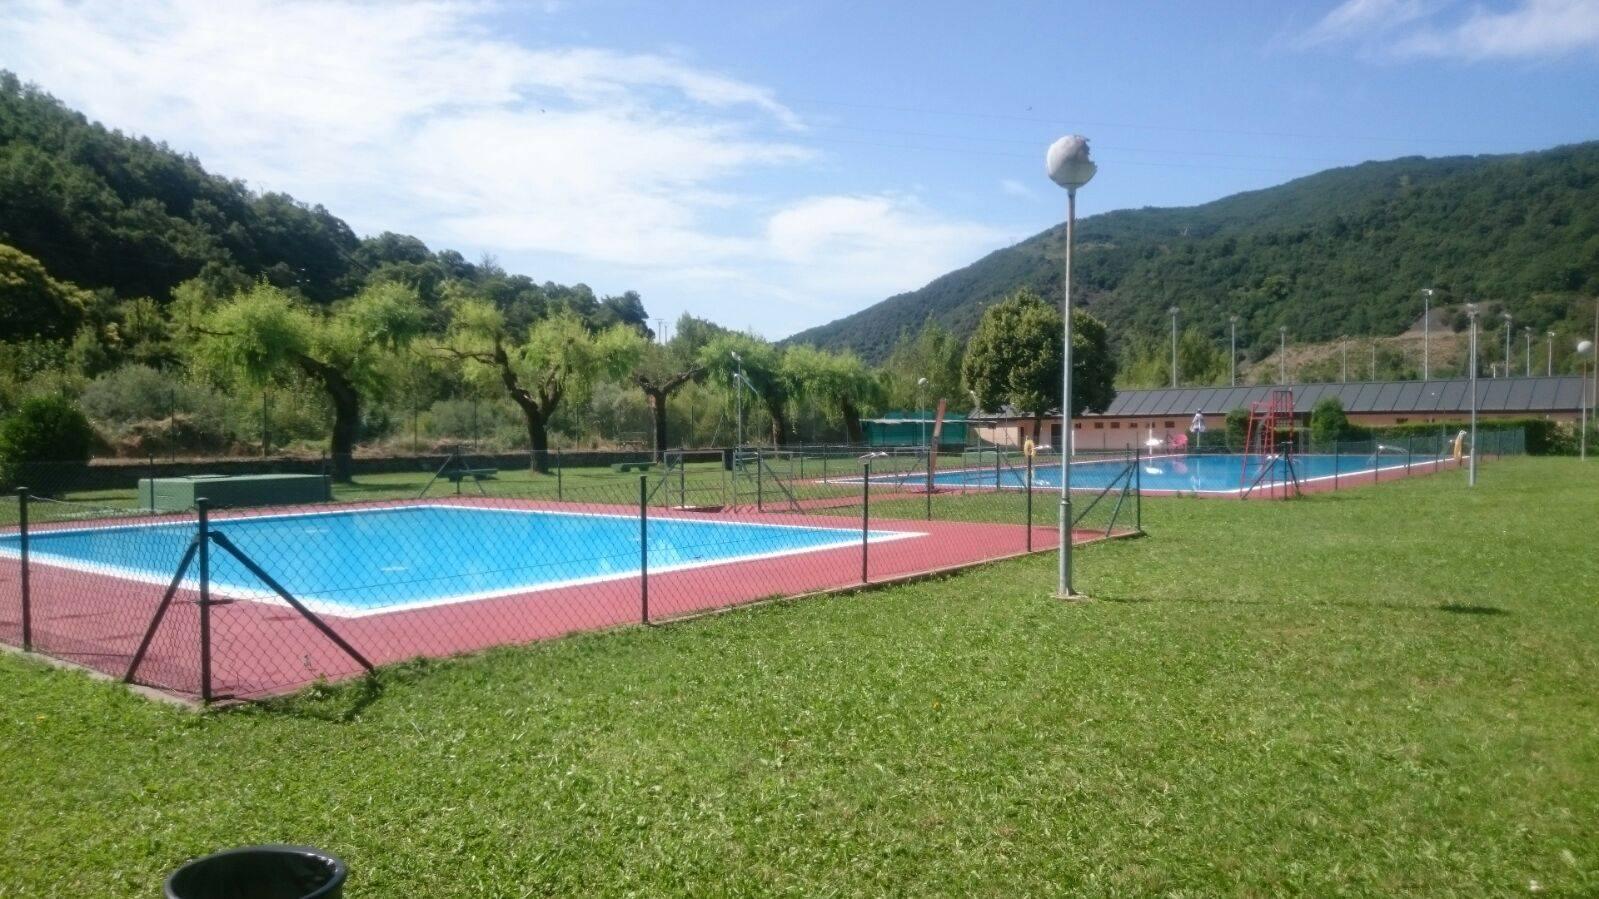 Especial piscinas que no te puedes perder en El Bierzo este verano 13